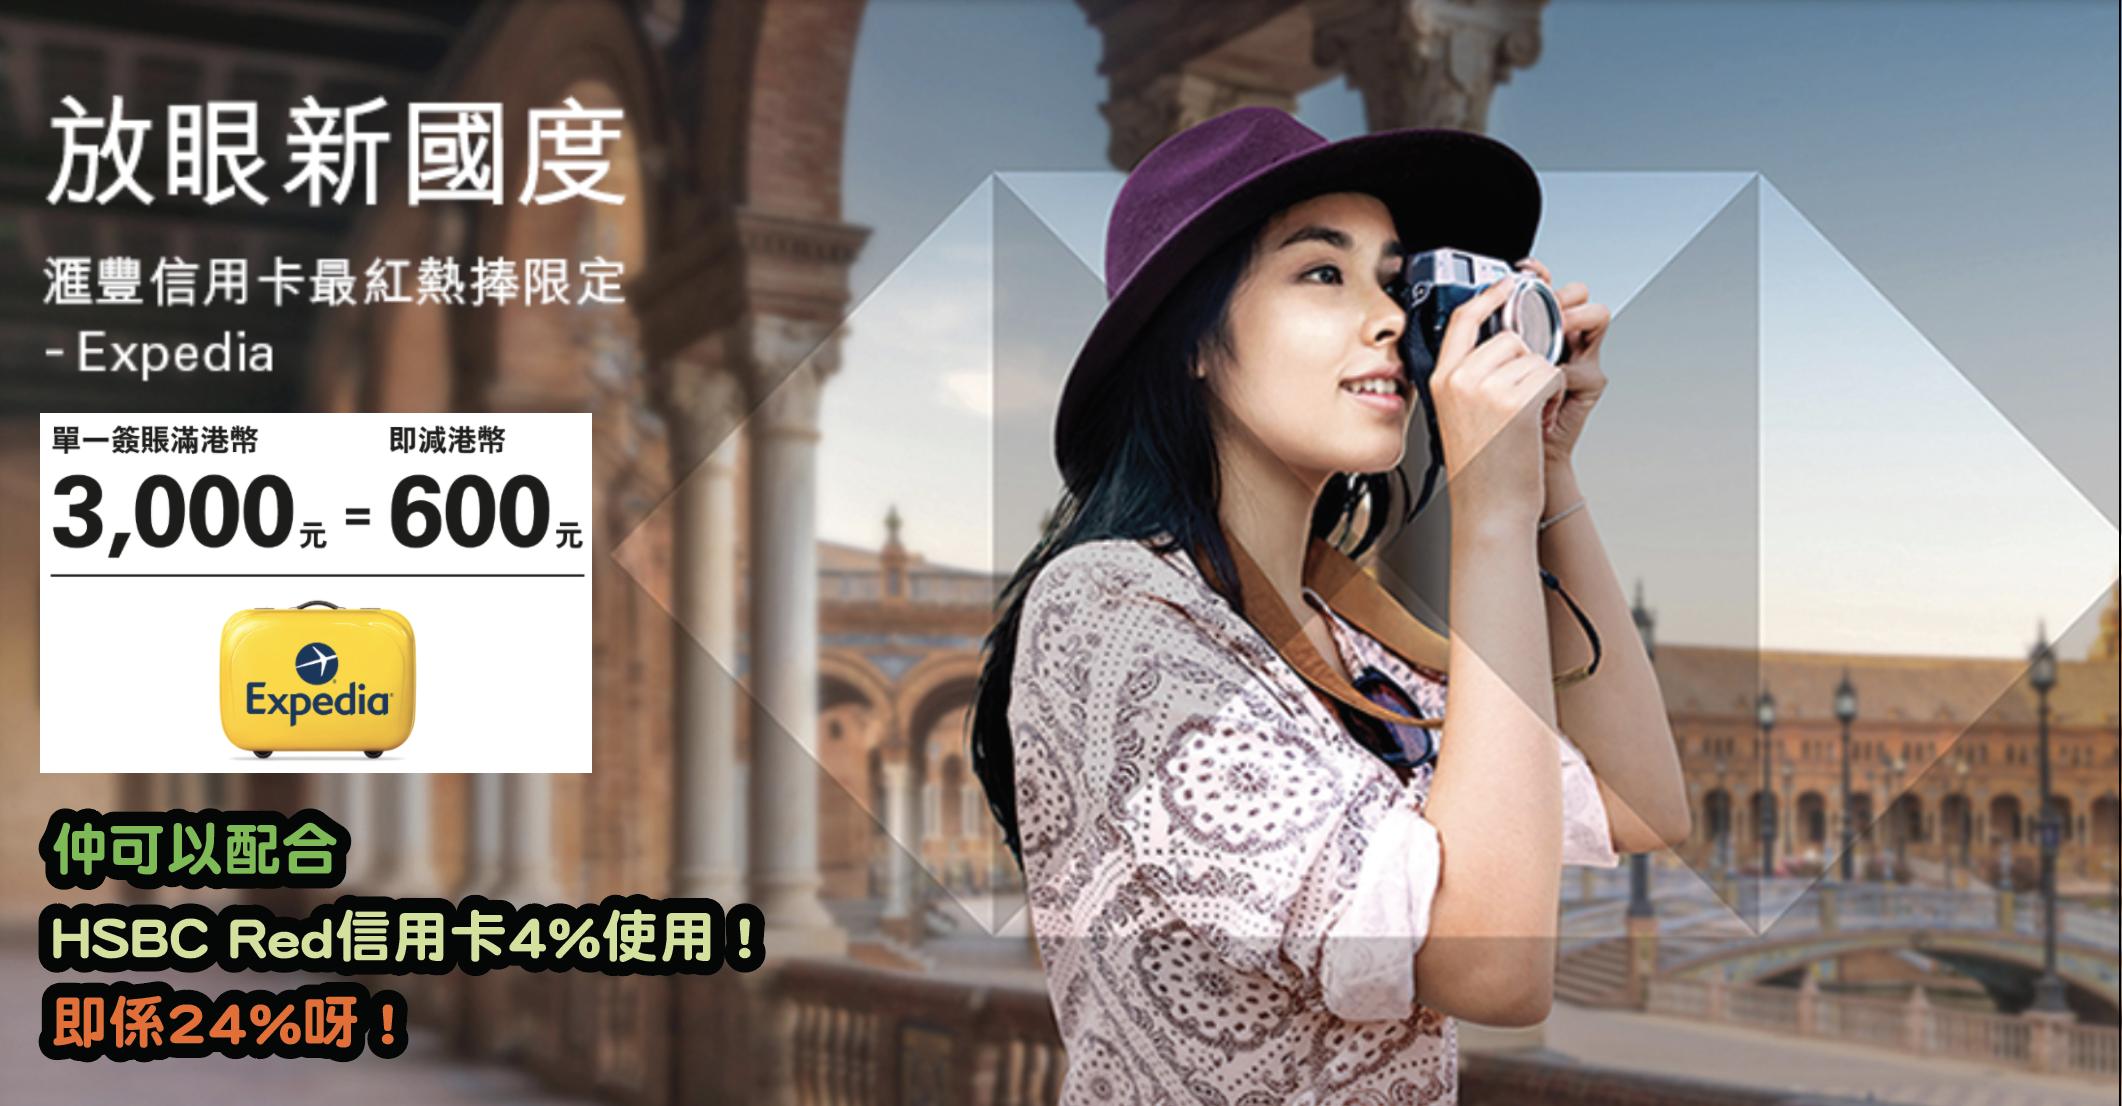 抵呀!HSBC 信用卡最紅熱捧優惠!Expedia 旅遊套票或酒店單一簽賬滿$3,000可減$600!仲可以配合HSBC Red信用卡4%使用!即係24%呀!